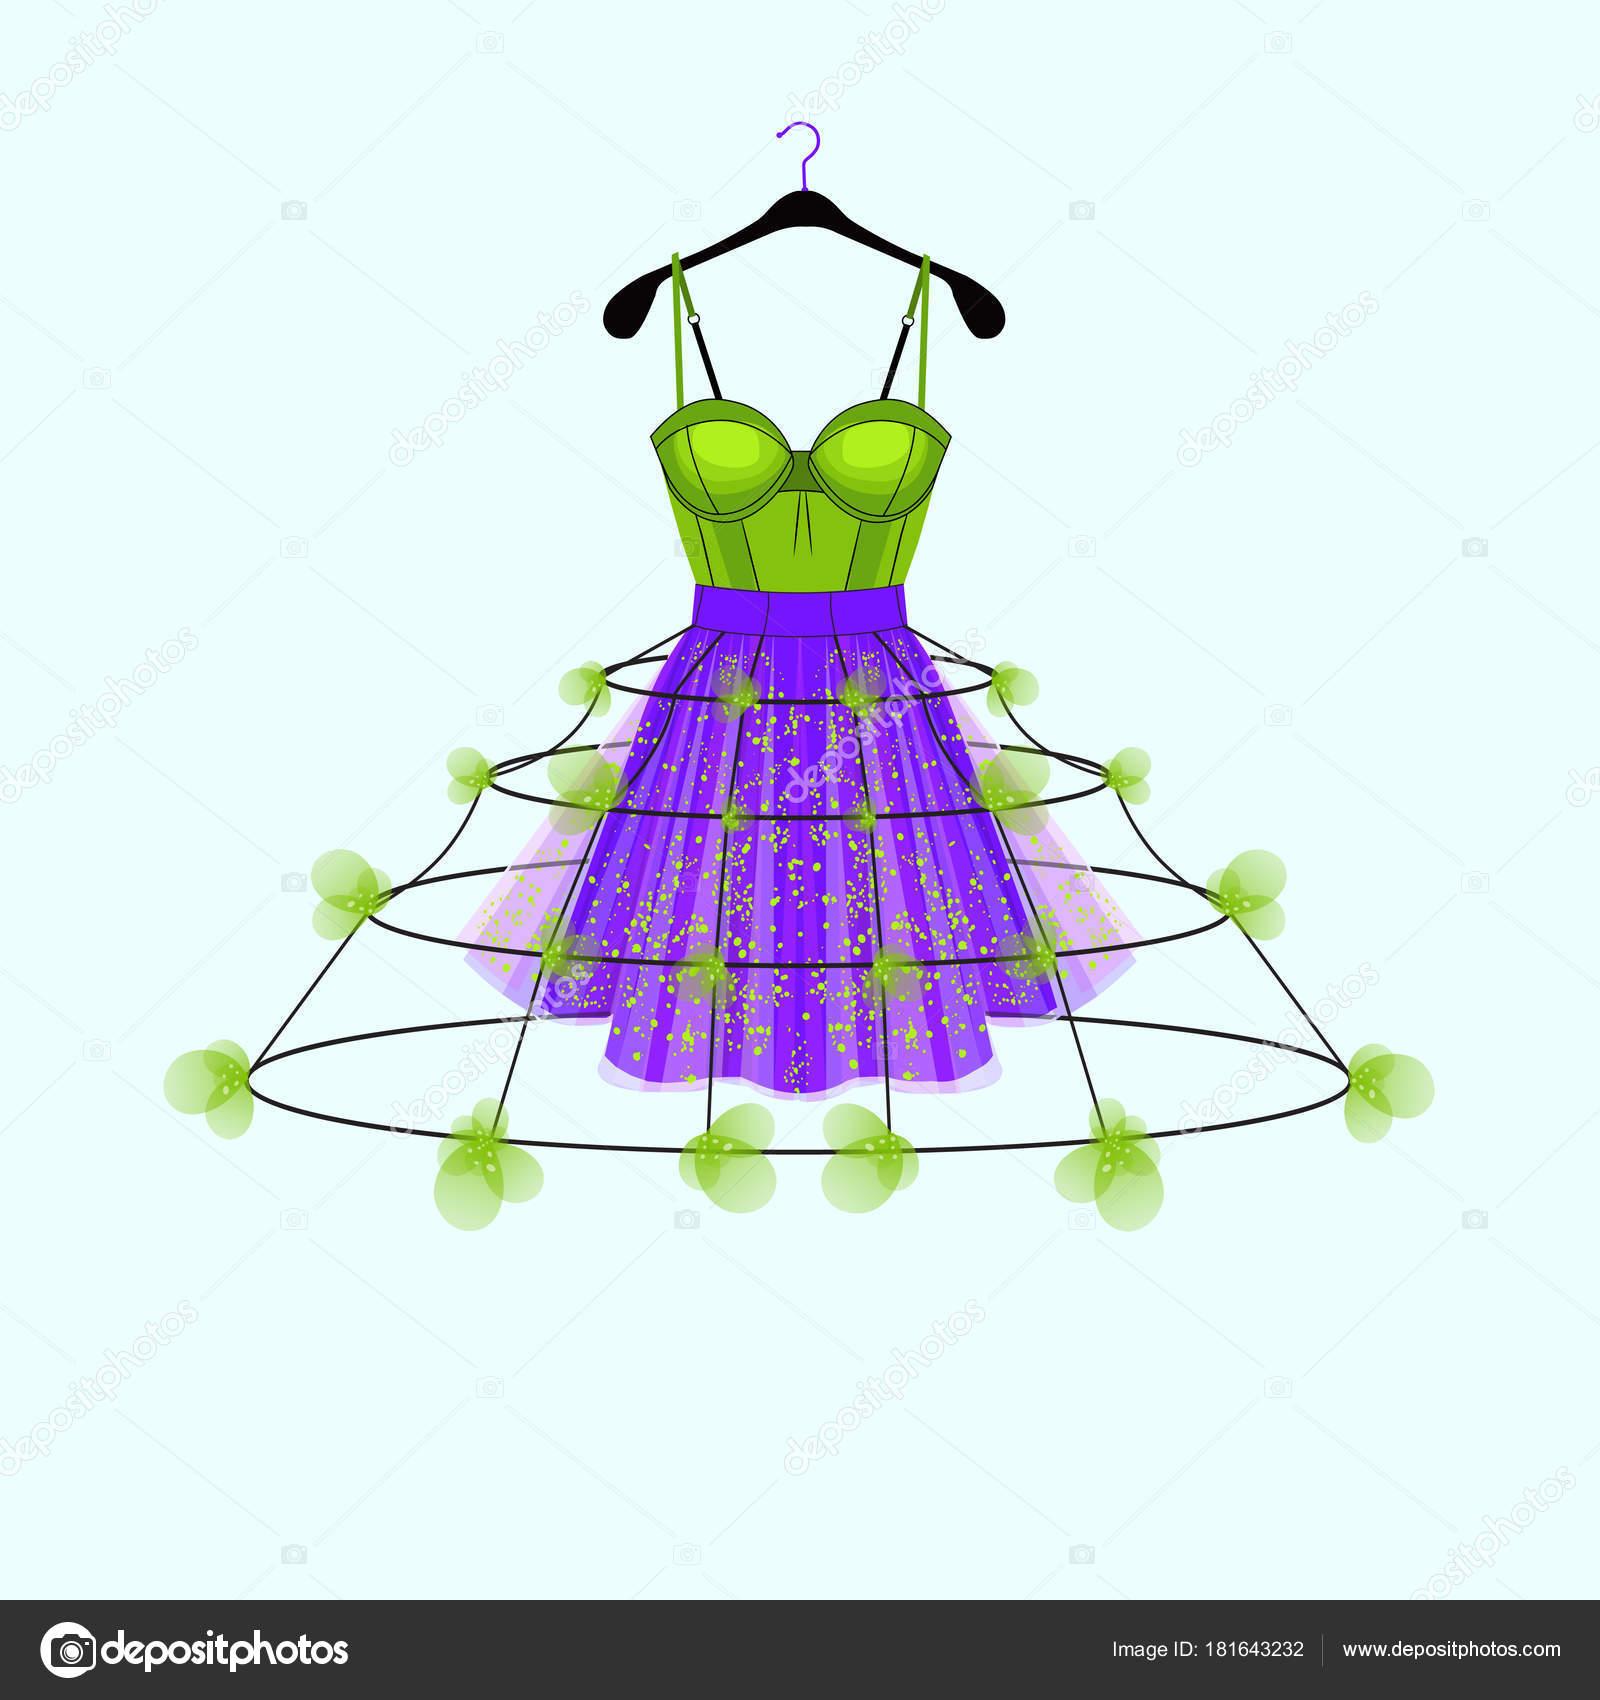 Und Frischen Grünen Kleid Mit Blumen Dekor Mode Illustration Für ...